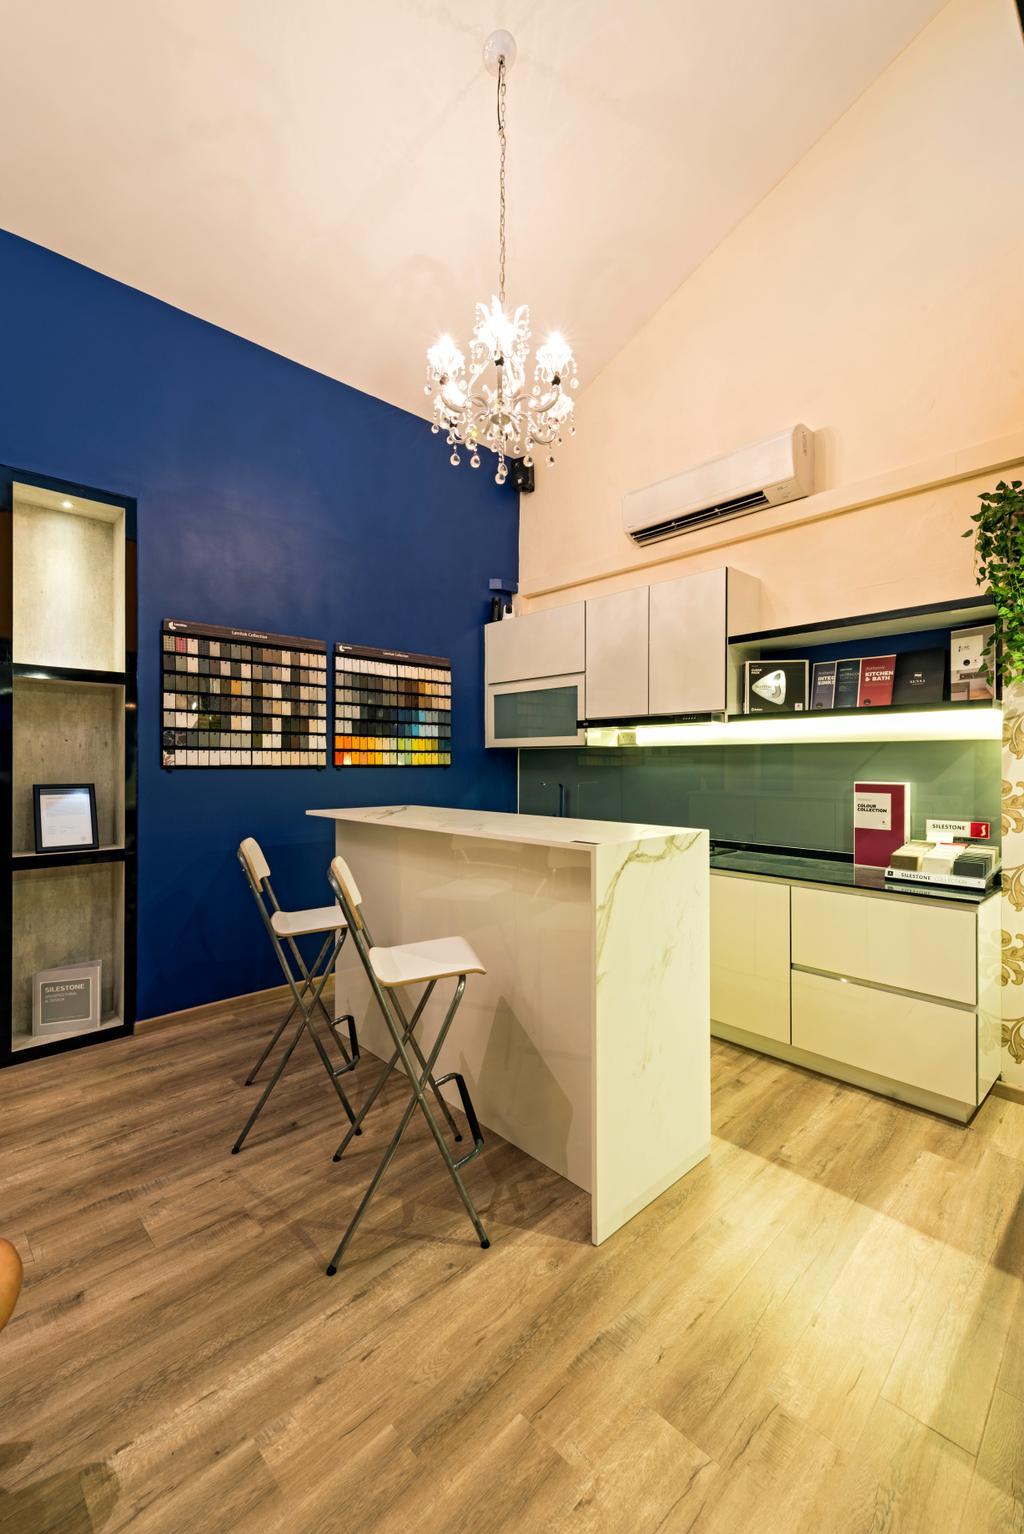 Chiku, Commercial, Interior Designer, Tan Studio, Industrial, Chair, Furniture, Indoors, Interior Design